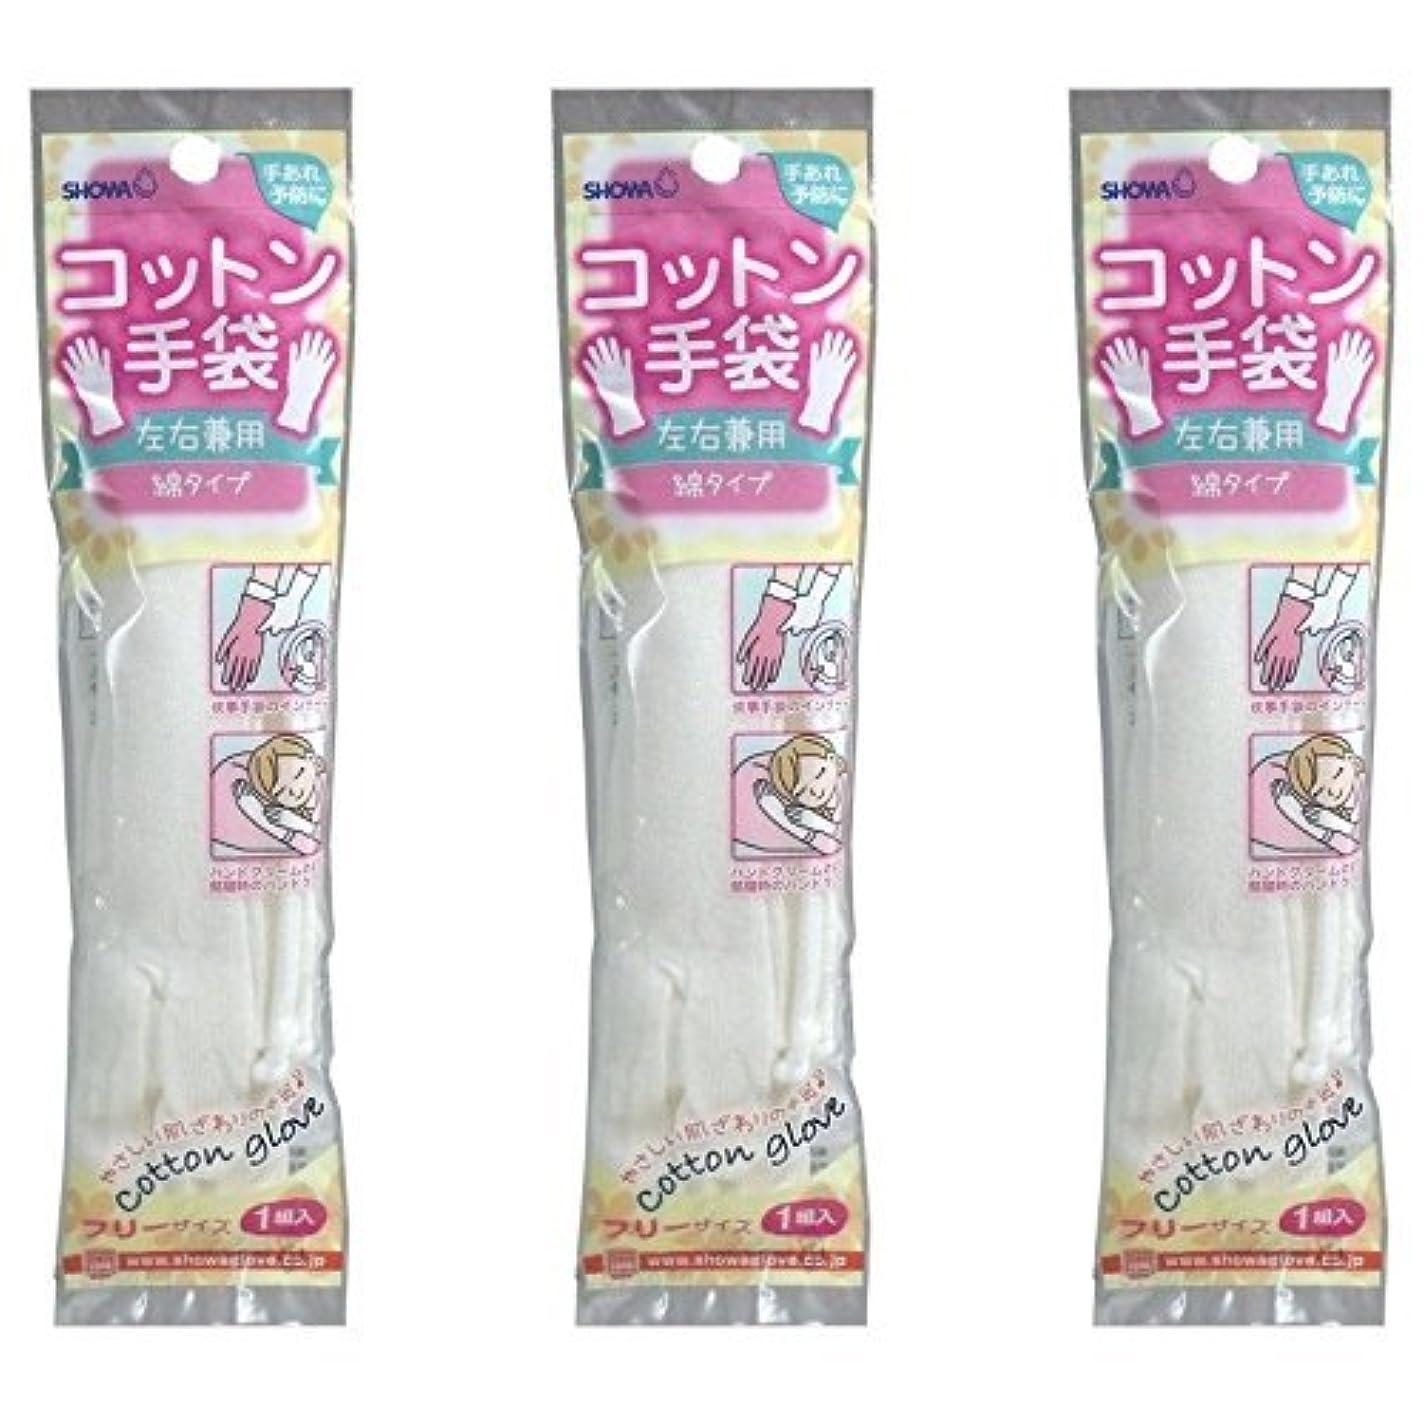 【まとめ買い】ショーワ コットン手袋 綿タイプ ホワイト フリーサイズ 1組入【×3個】